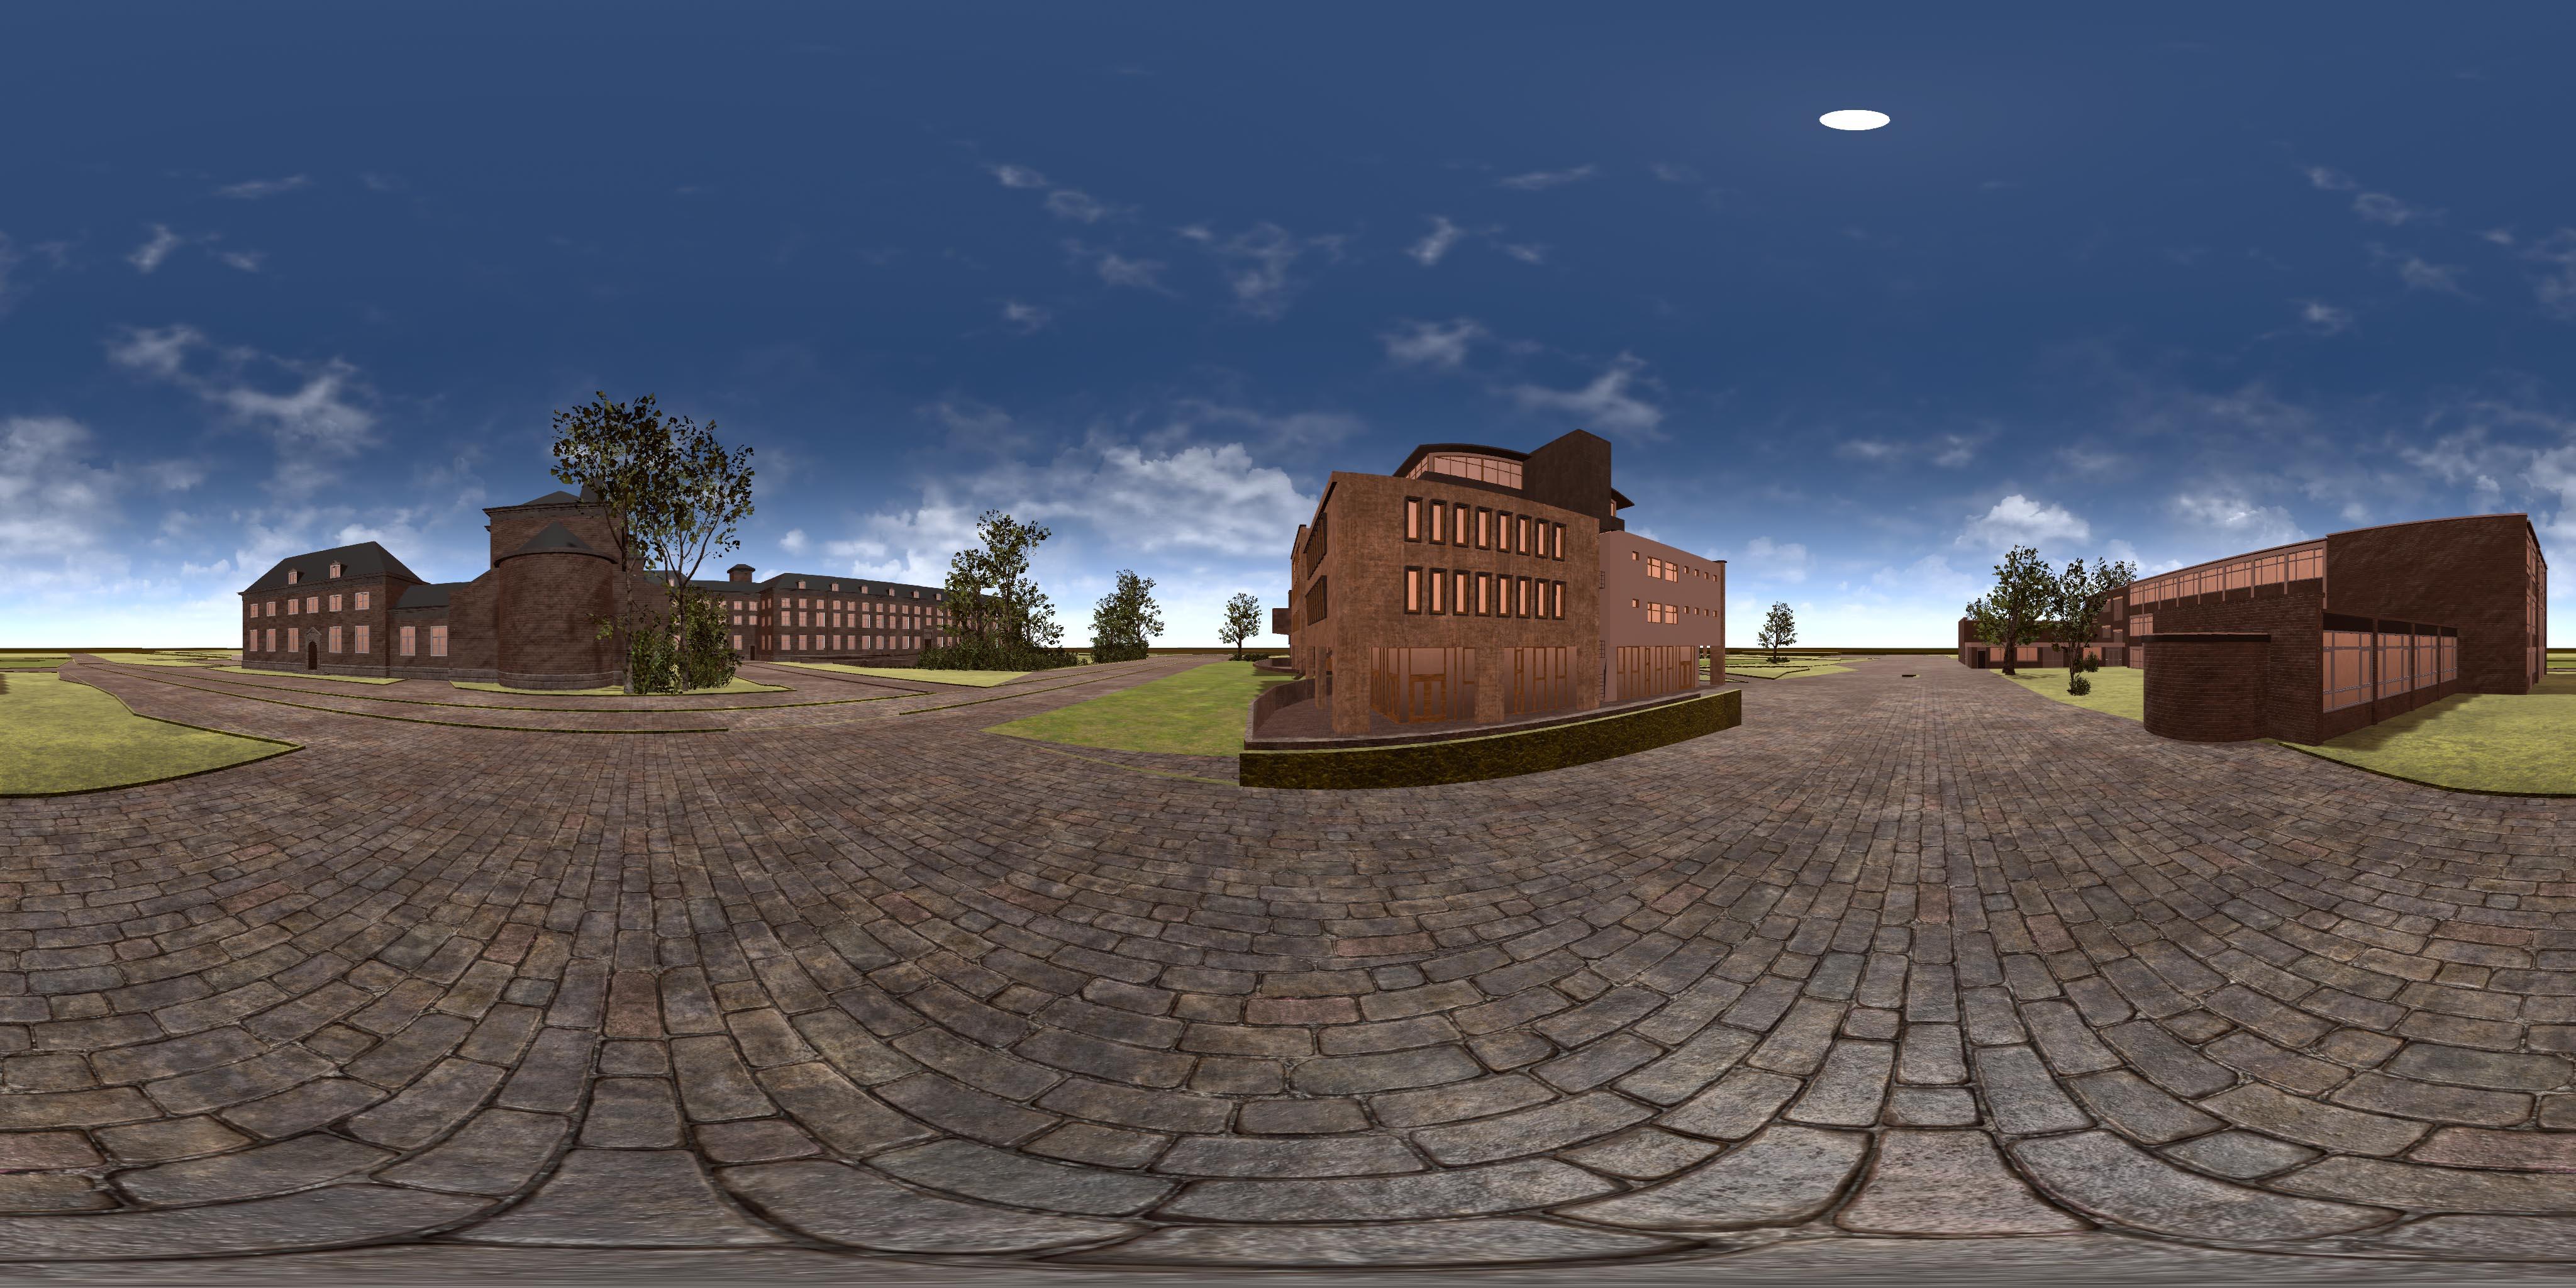 campus_NewTextureRenderTargetCube_Tex4.jpg